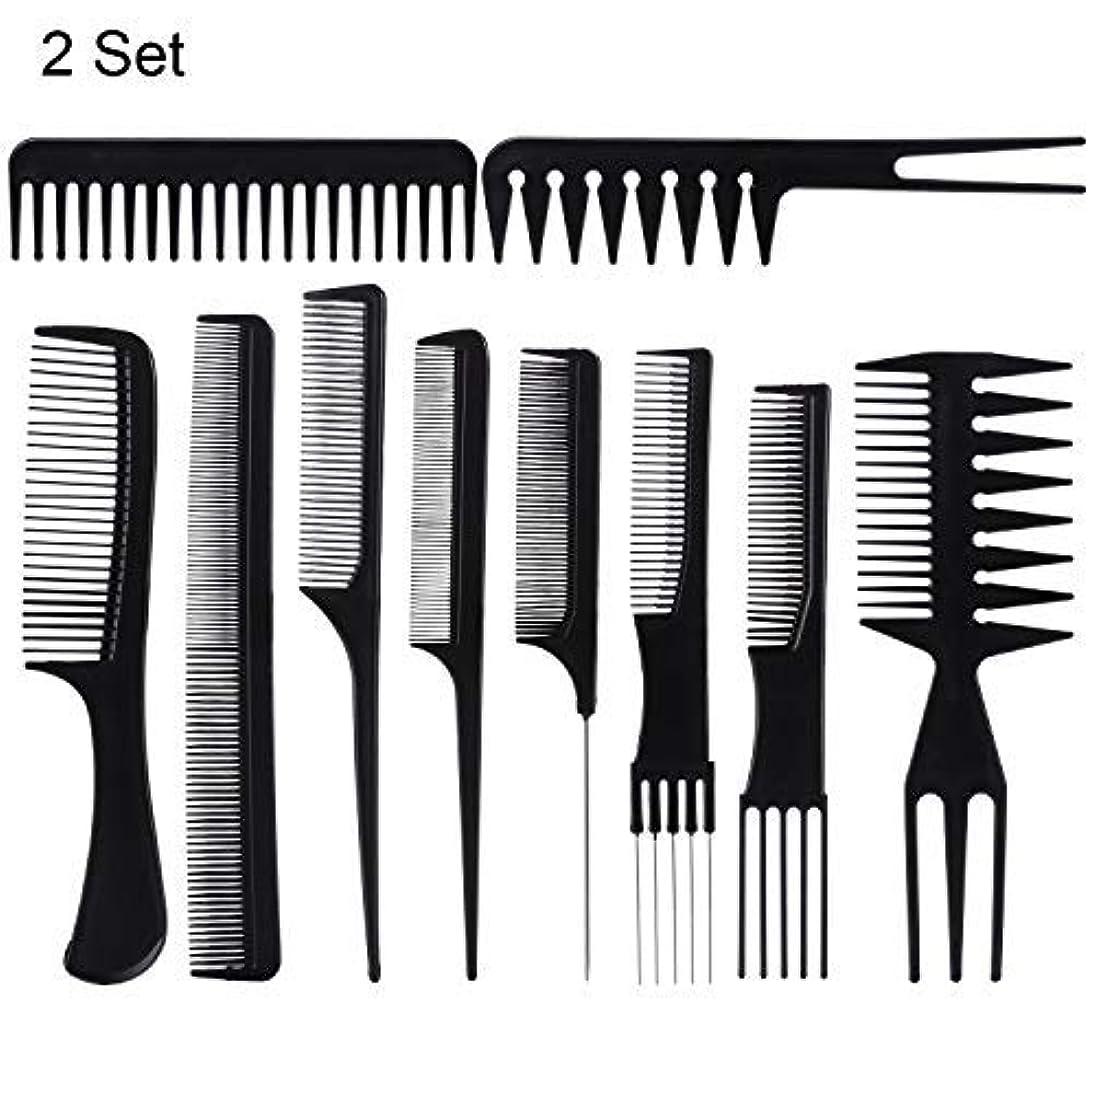 甲虫寛大なビーム20 Piece Professional Styling Comb Set for Making hair style [並行輸入品]